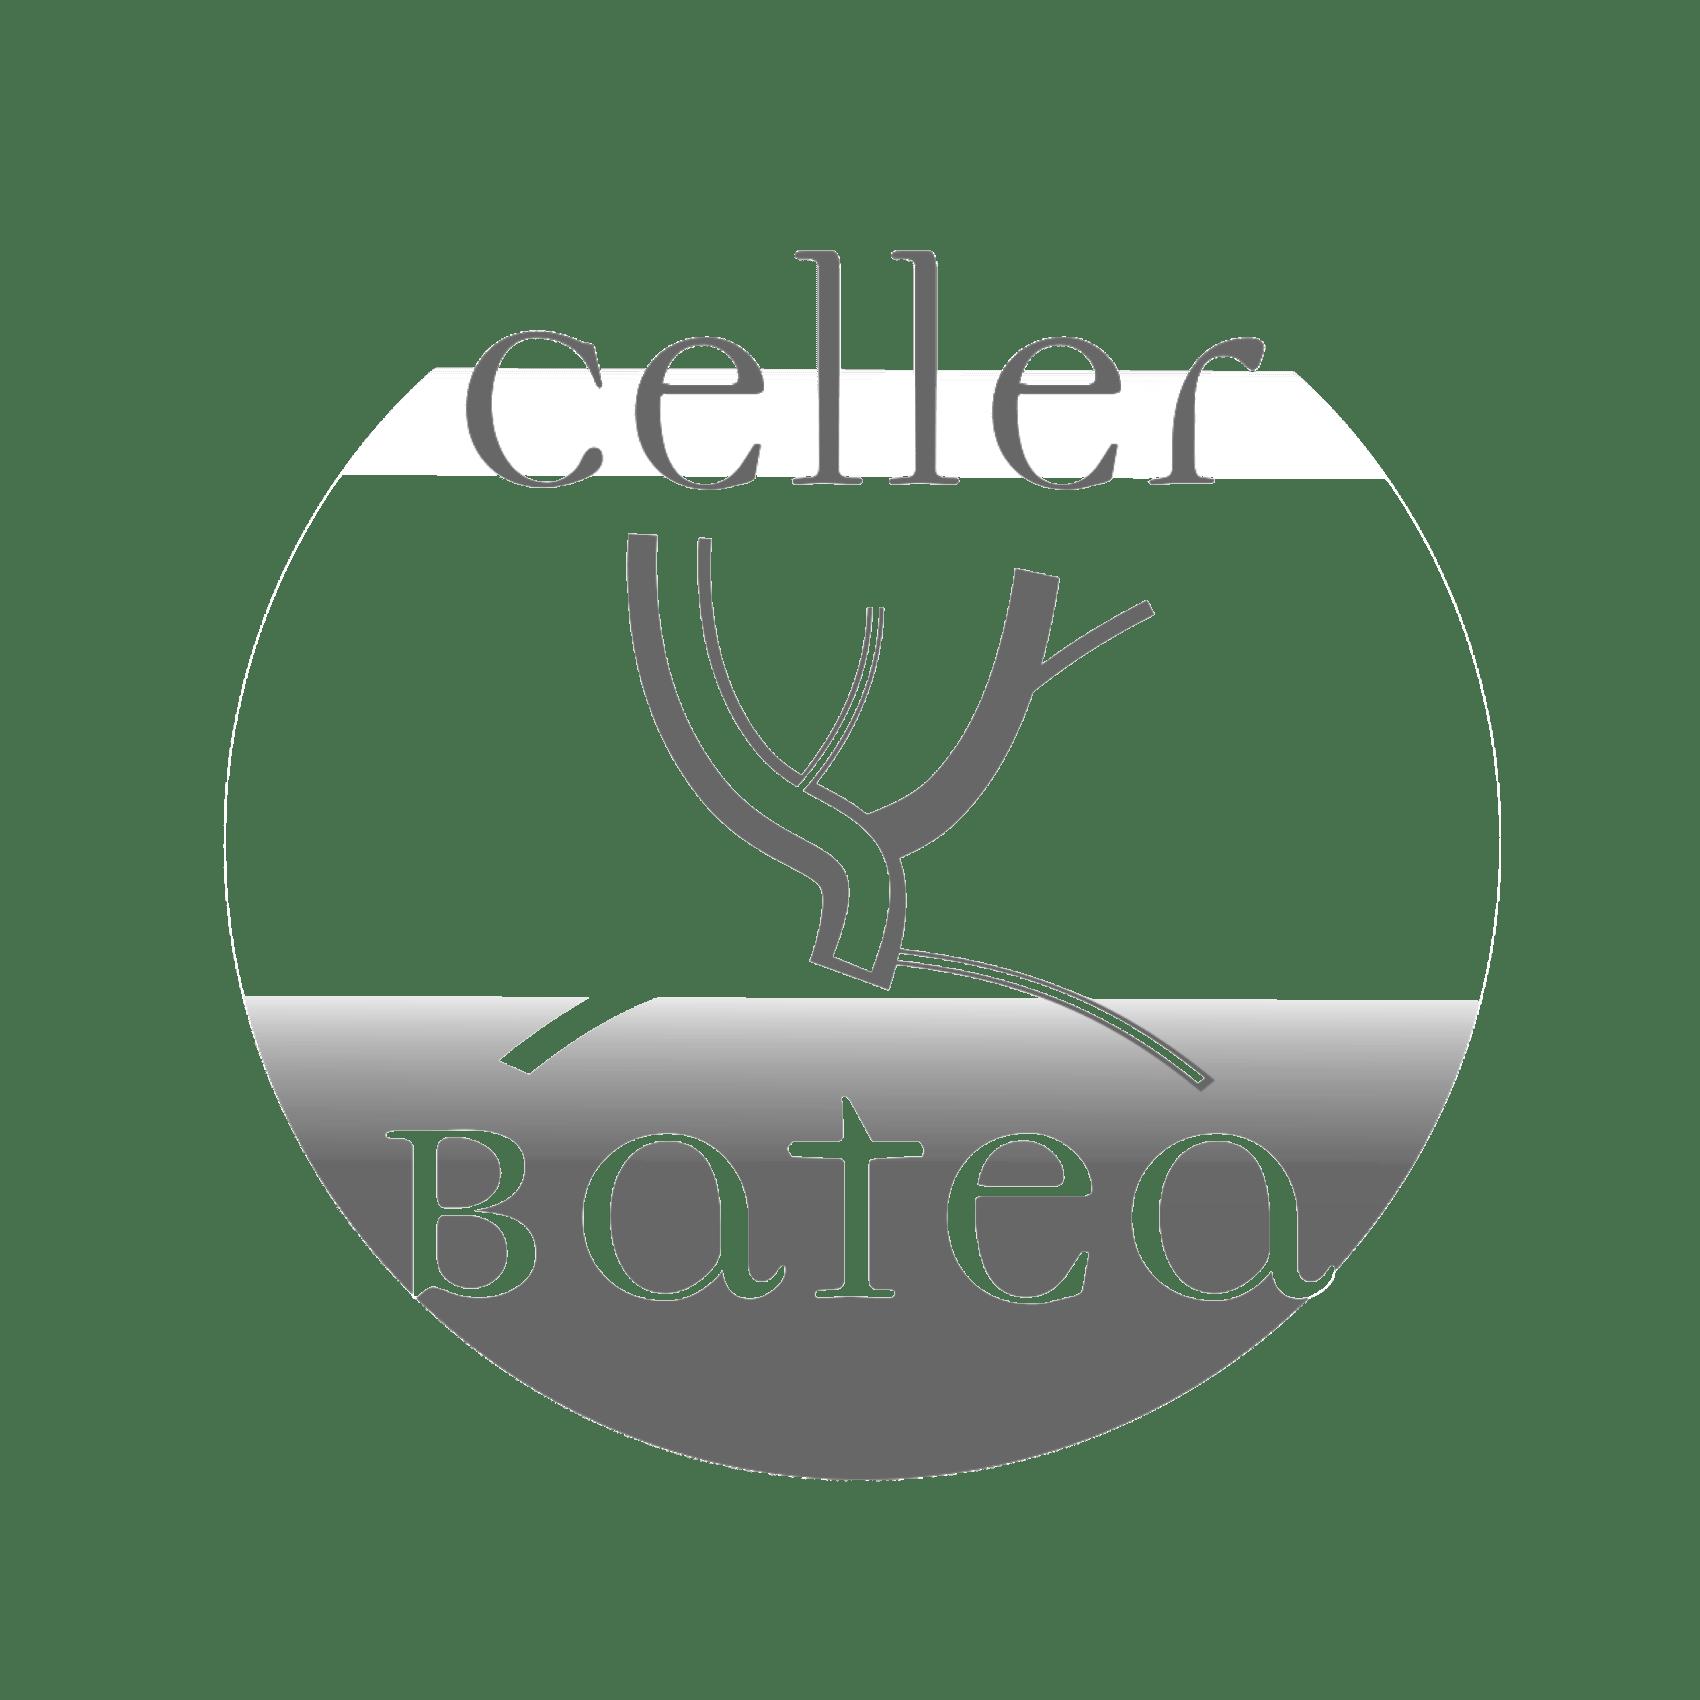 logo-celler-batea-1x1-transp-gris-1